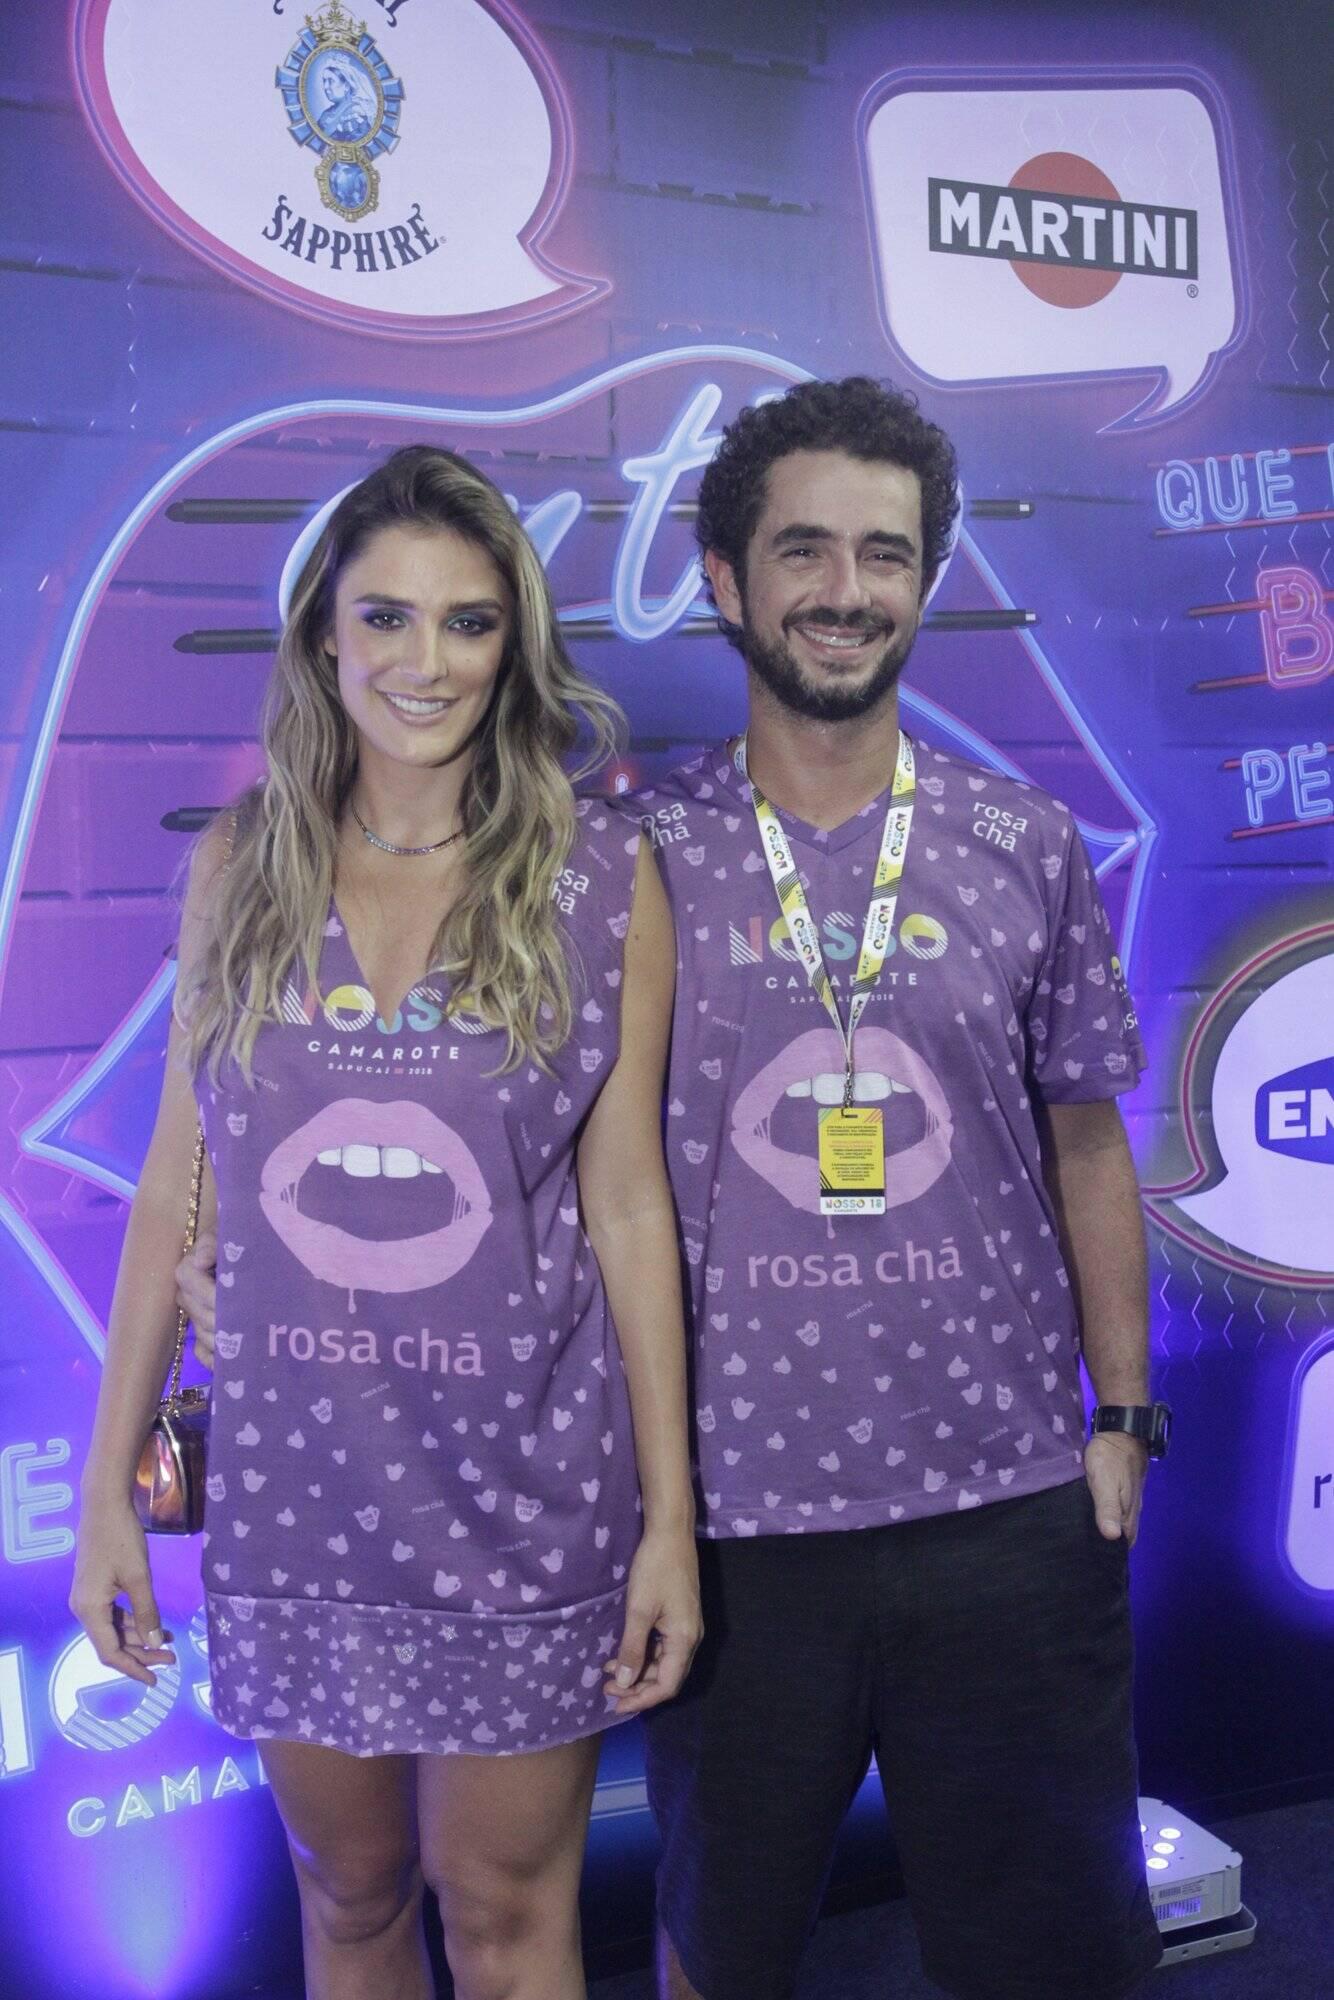 Rafa Brites e Felipe Andreoli também curtiram a noite de desfiles do Grupo Especial do Rio, no último domingo (11). Foto: RT Fotografia/Brazil News/CS Eventos Divulgacao